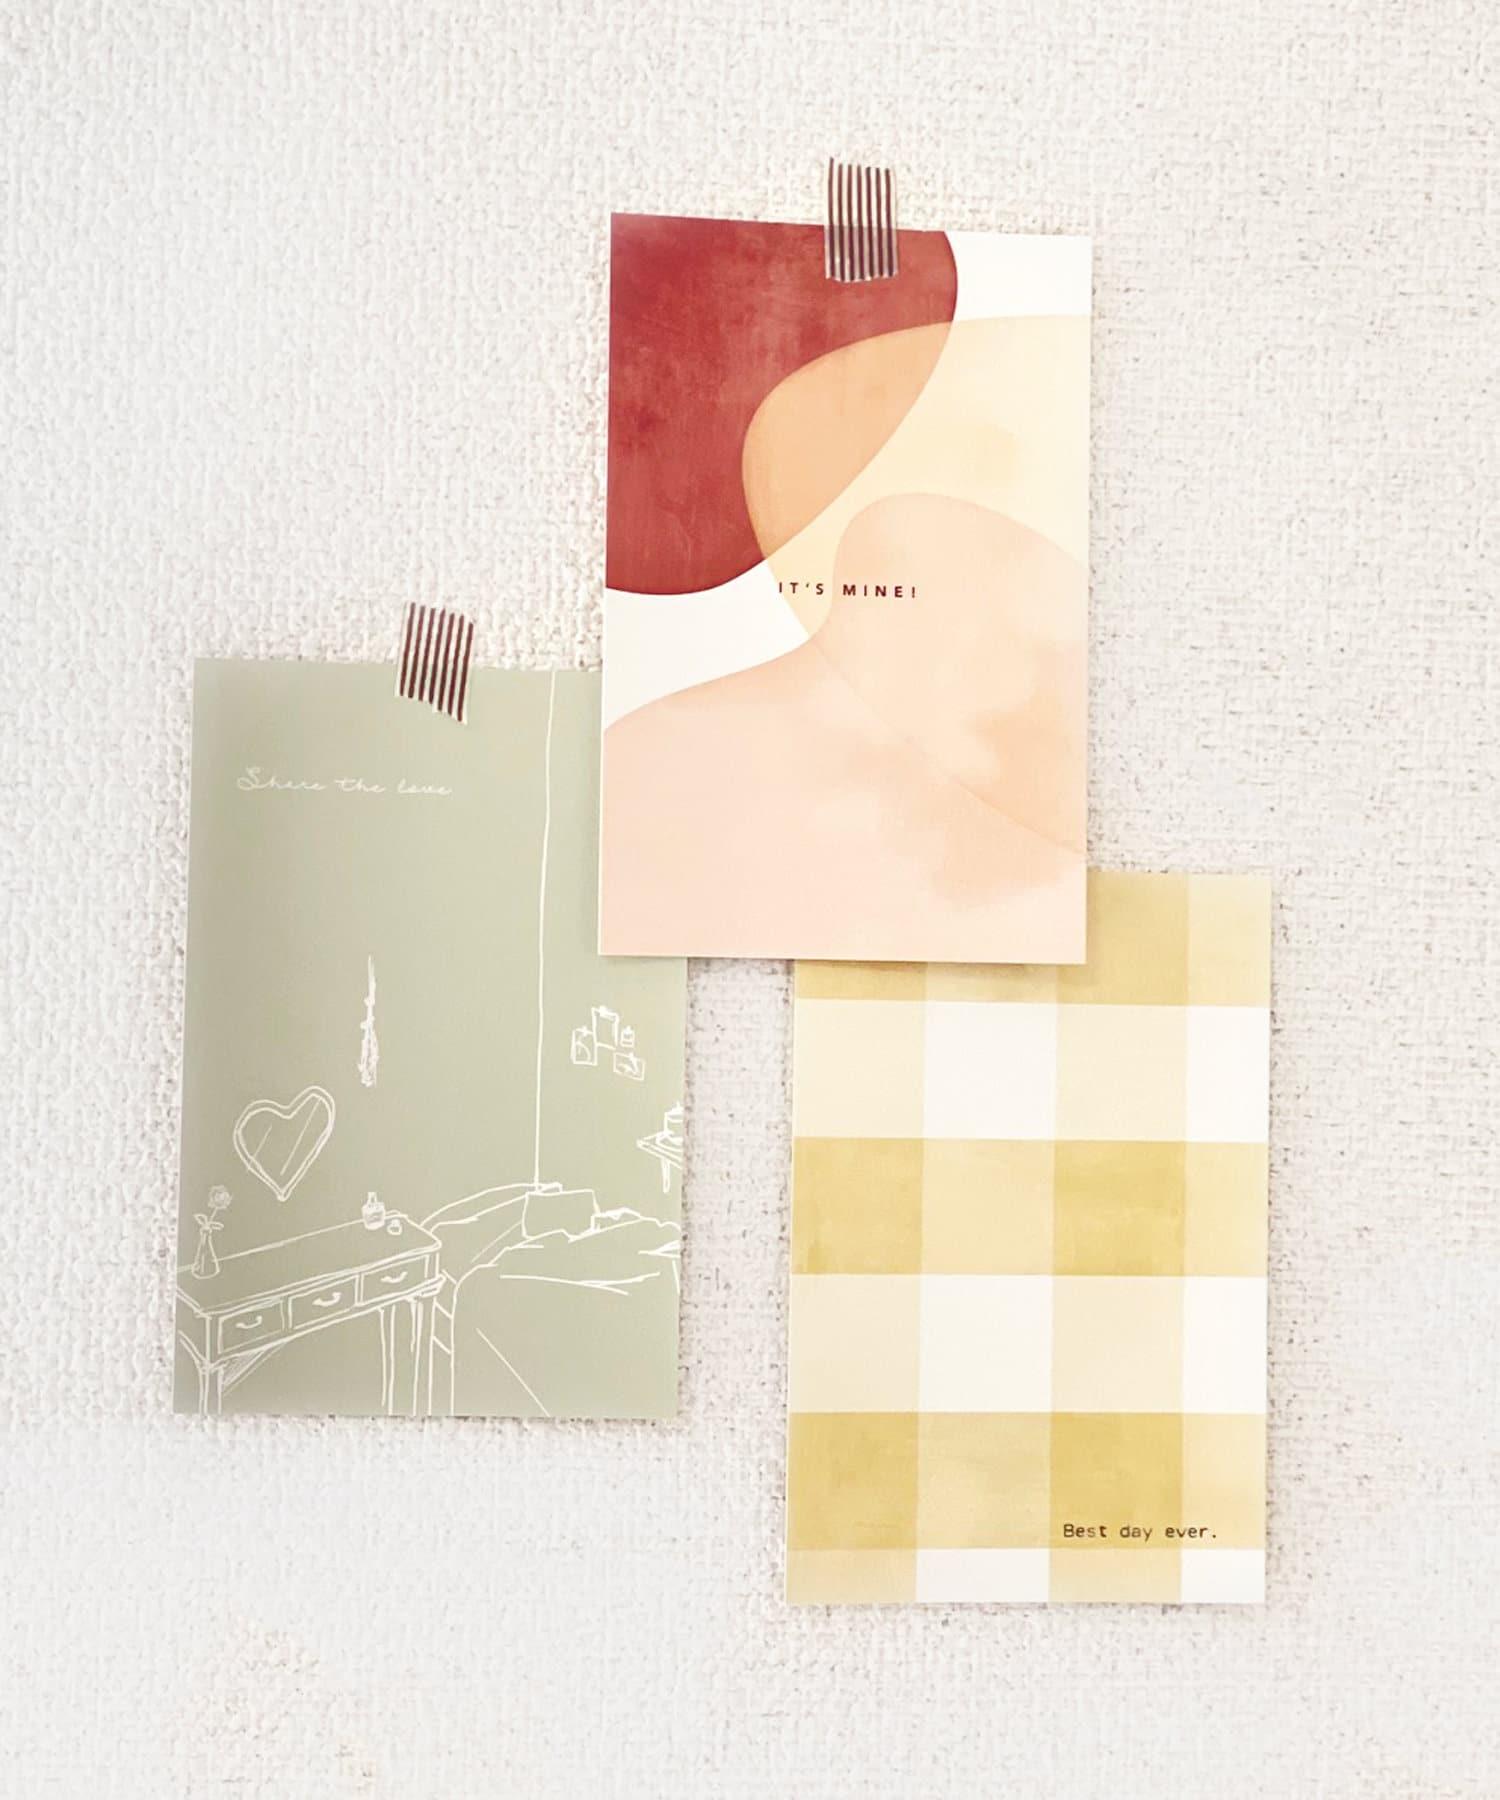 ASOKO(アソコ) ライフスタイル 【fem fem fem】ポストカード3枚セット その他1